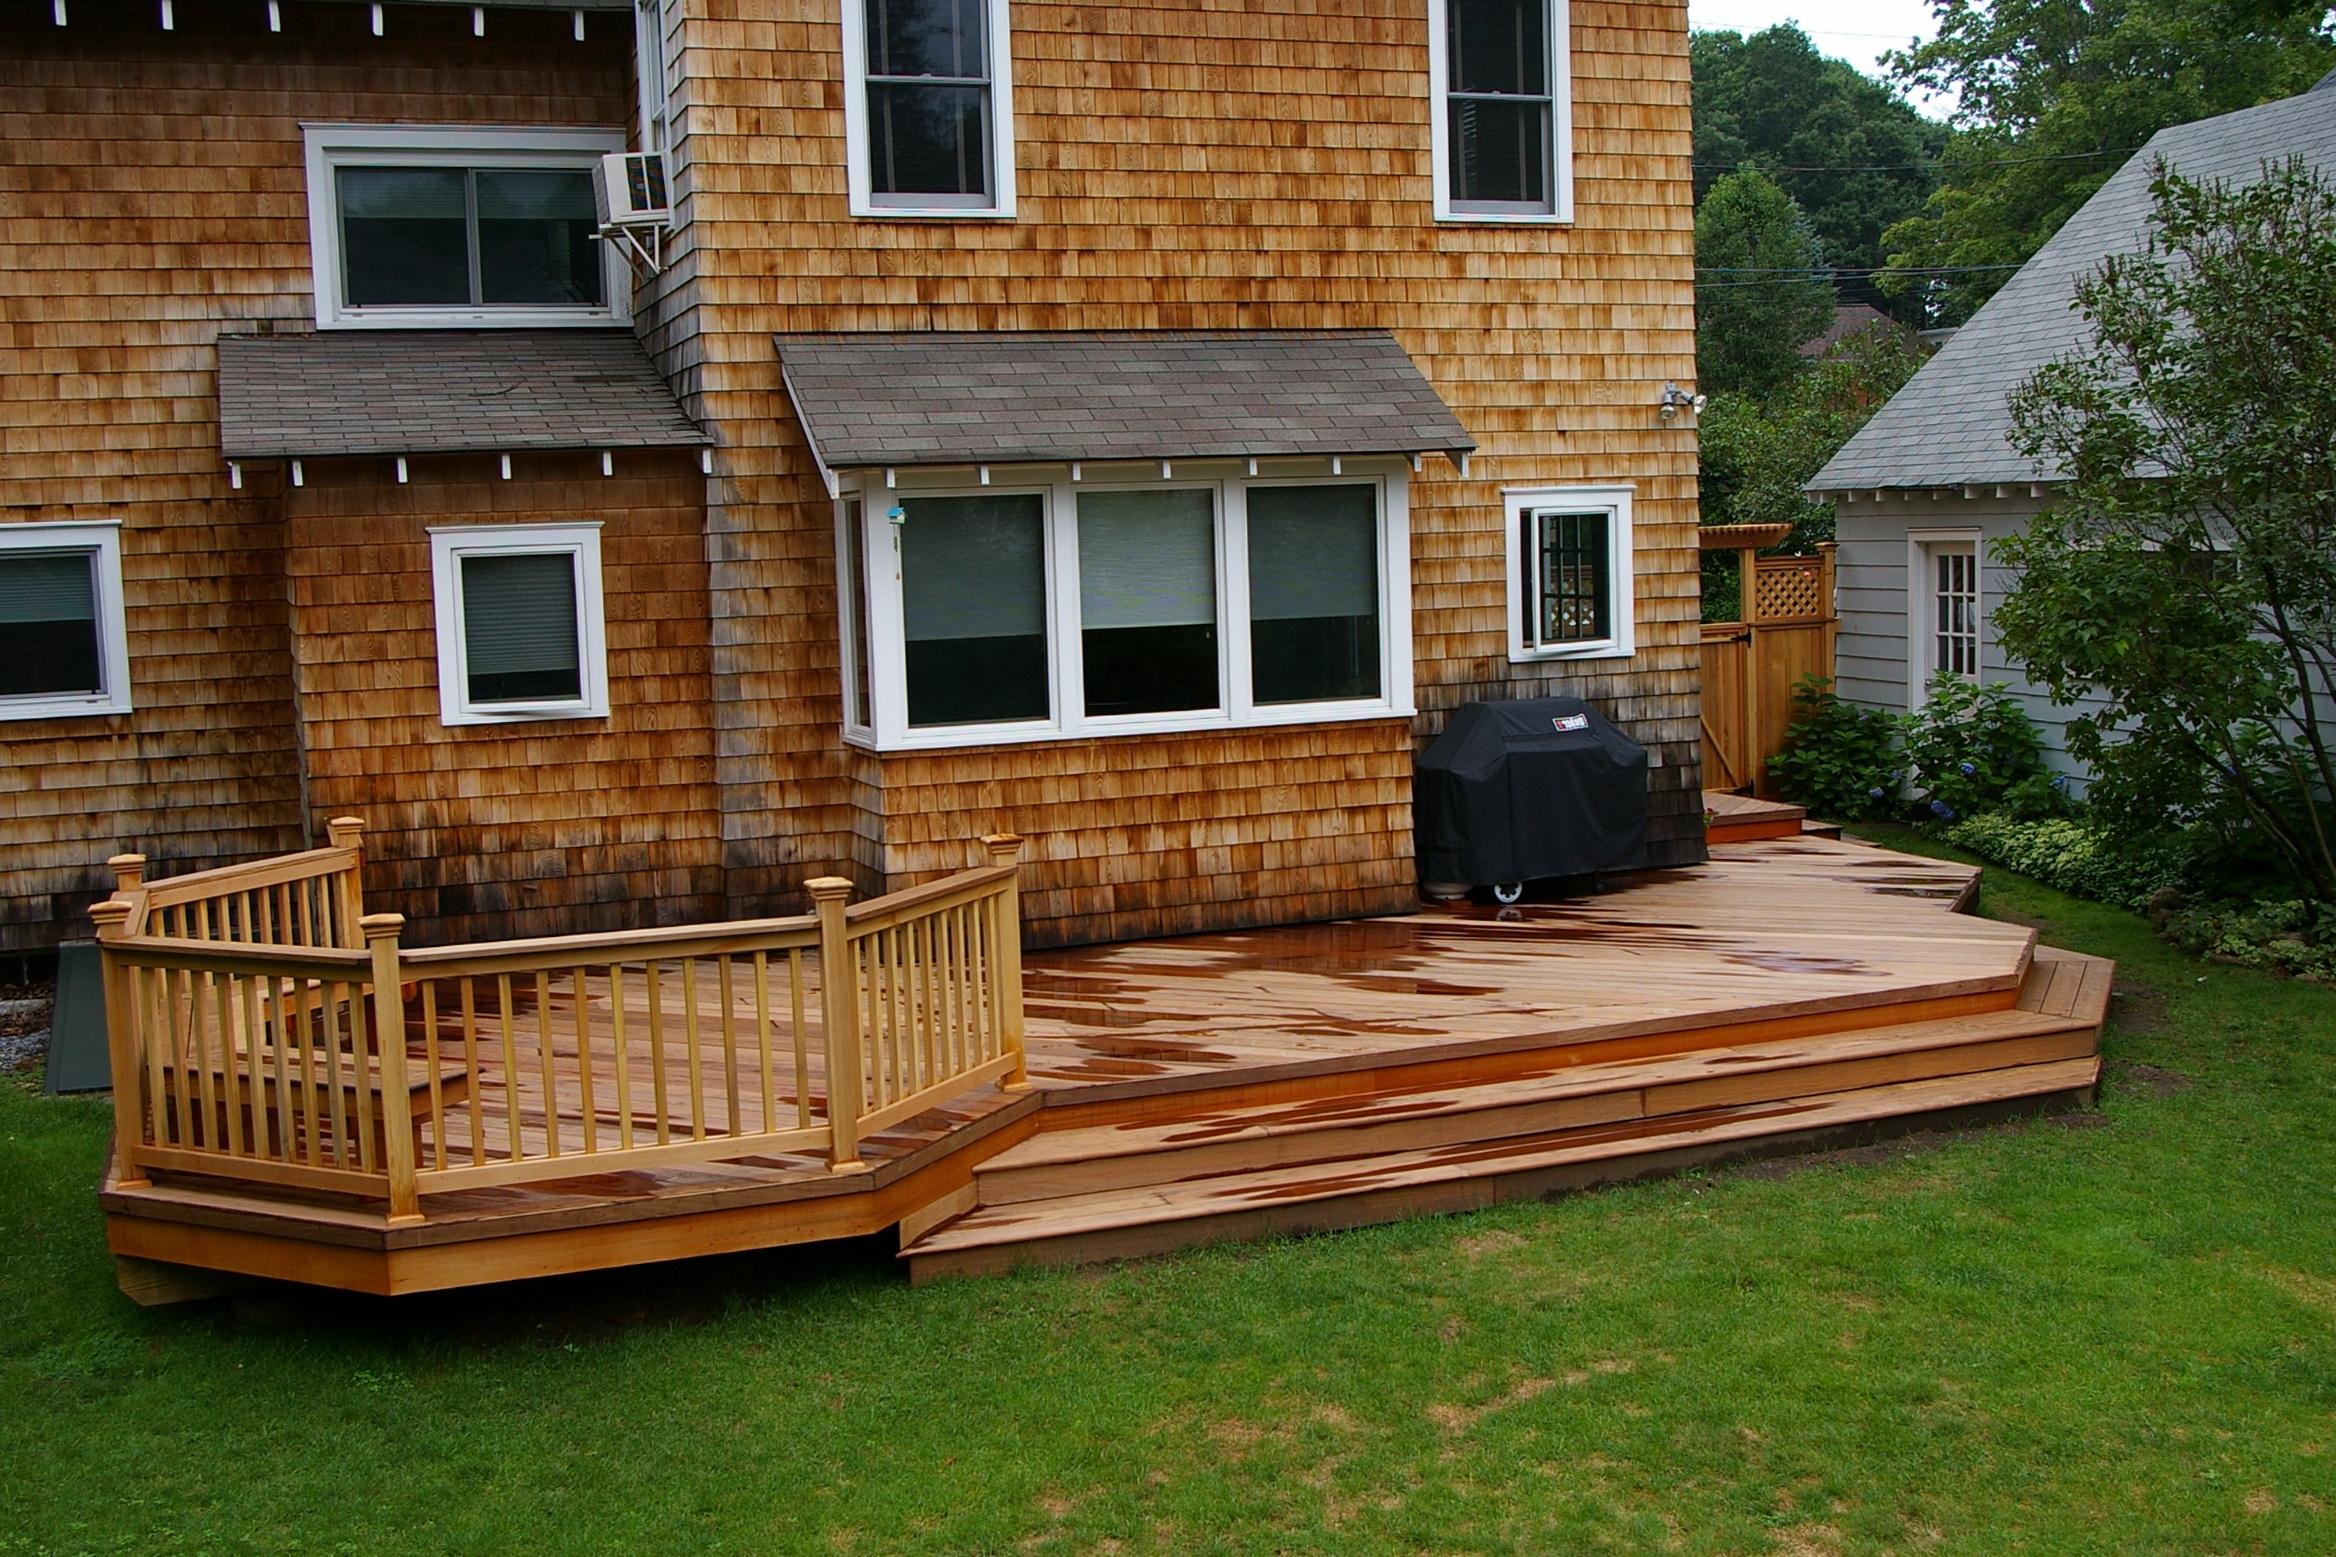 Outdoor Deck Plans Photos